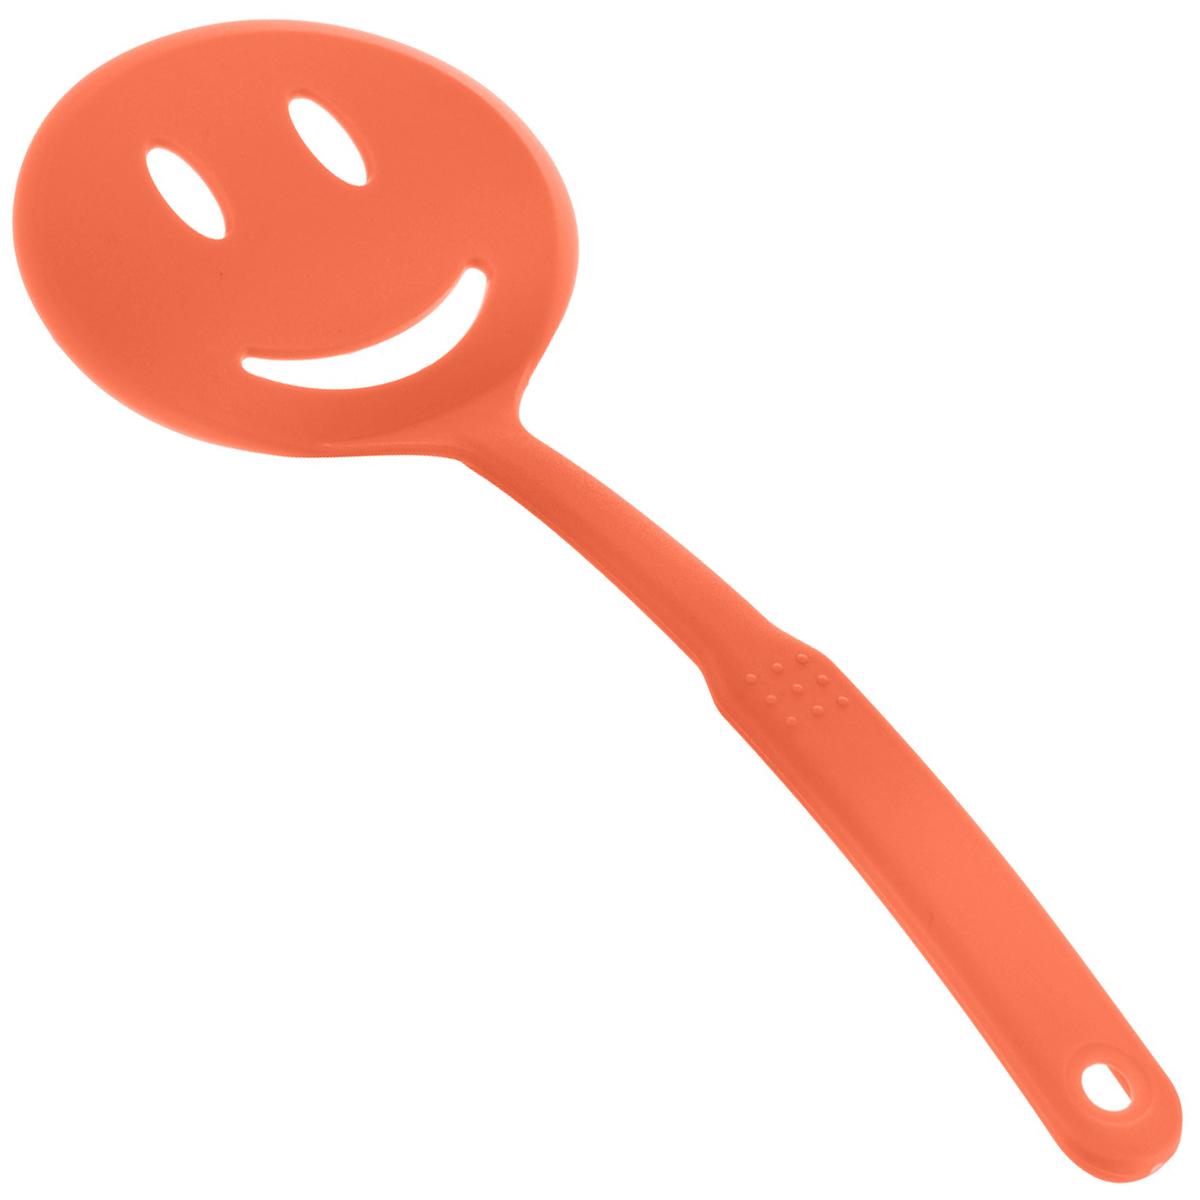 Лопатка кулинарная Apollo Beche, цвет: оранжевый, длина 31 смBCH-02_оранжевыйКулинарная лопатка Apollo Beche выполнена из нейлона. Изделие подходит для работы сгорячими продуктами. Ручка оснащена отверстием, за которое вы сможете подвесить изделие влюбое удобное для вас место.Кулинарная лопатка Apollo Beche займет достойное место средиаксессуаров на вашей кухне.Не рекомендуется мыть в посудомоечной машине. Длина: 31 см. Размер рабочей поверхности: 11,5 см х 10,5 см.